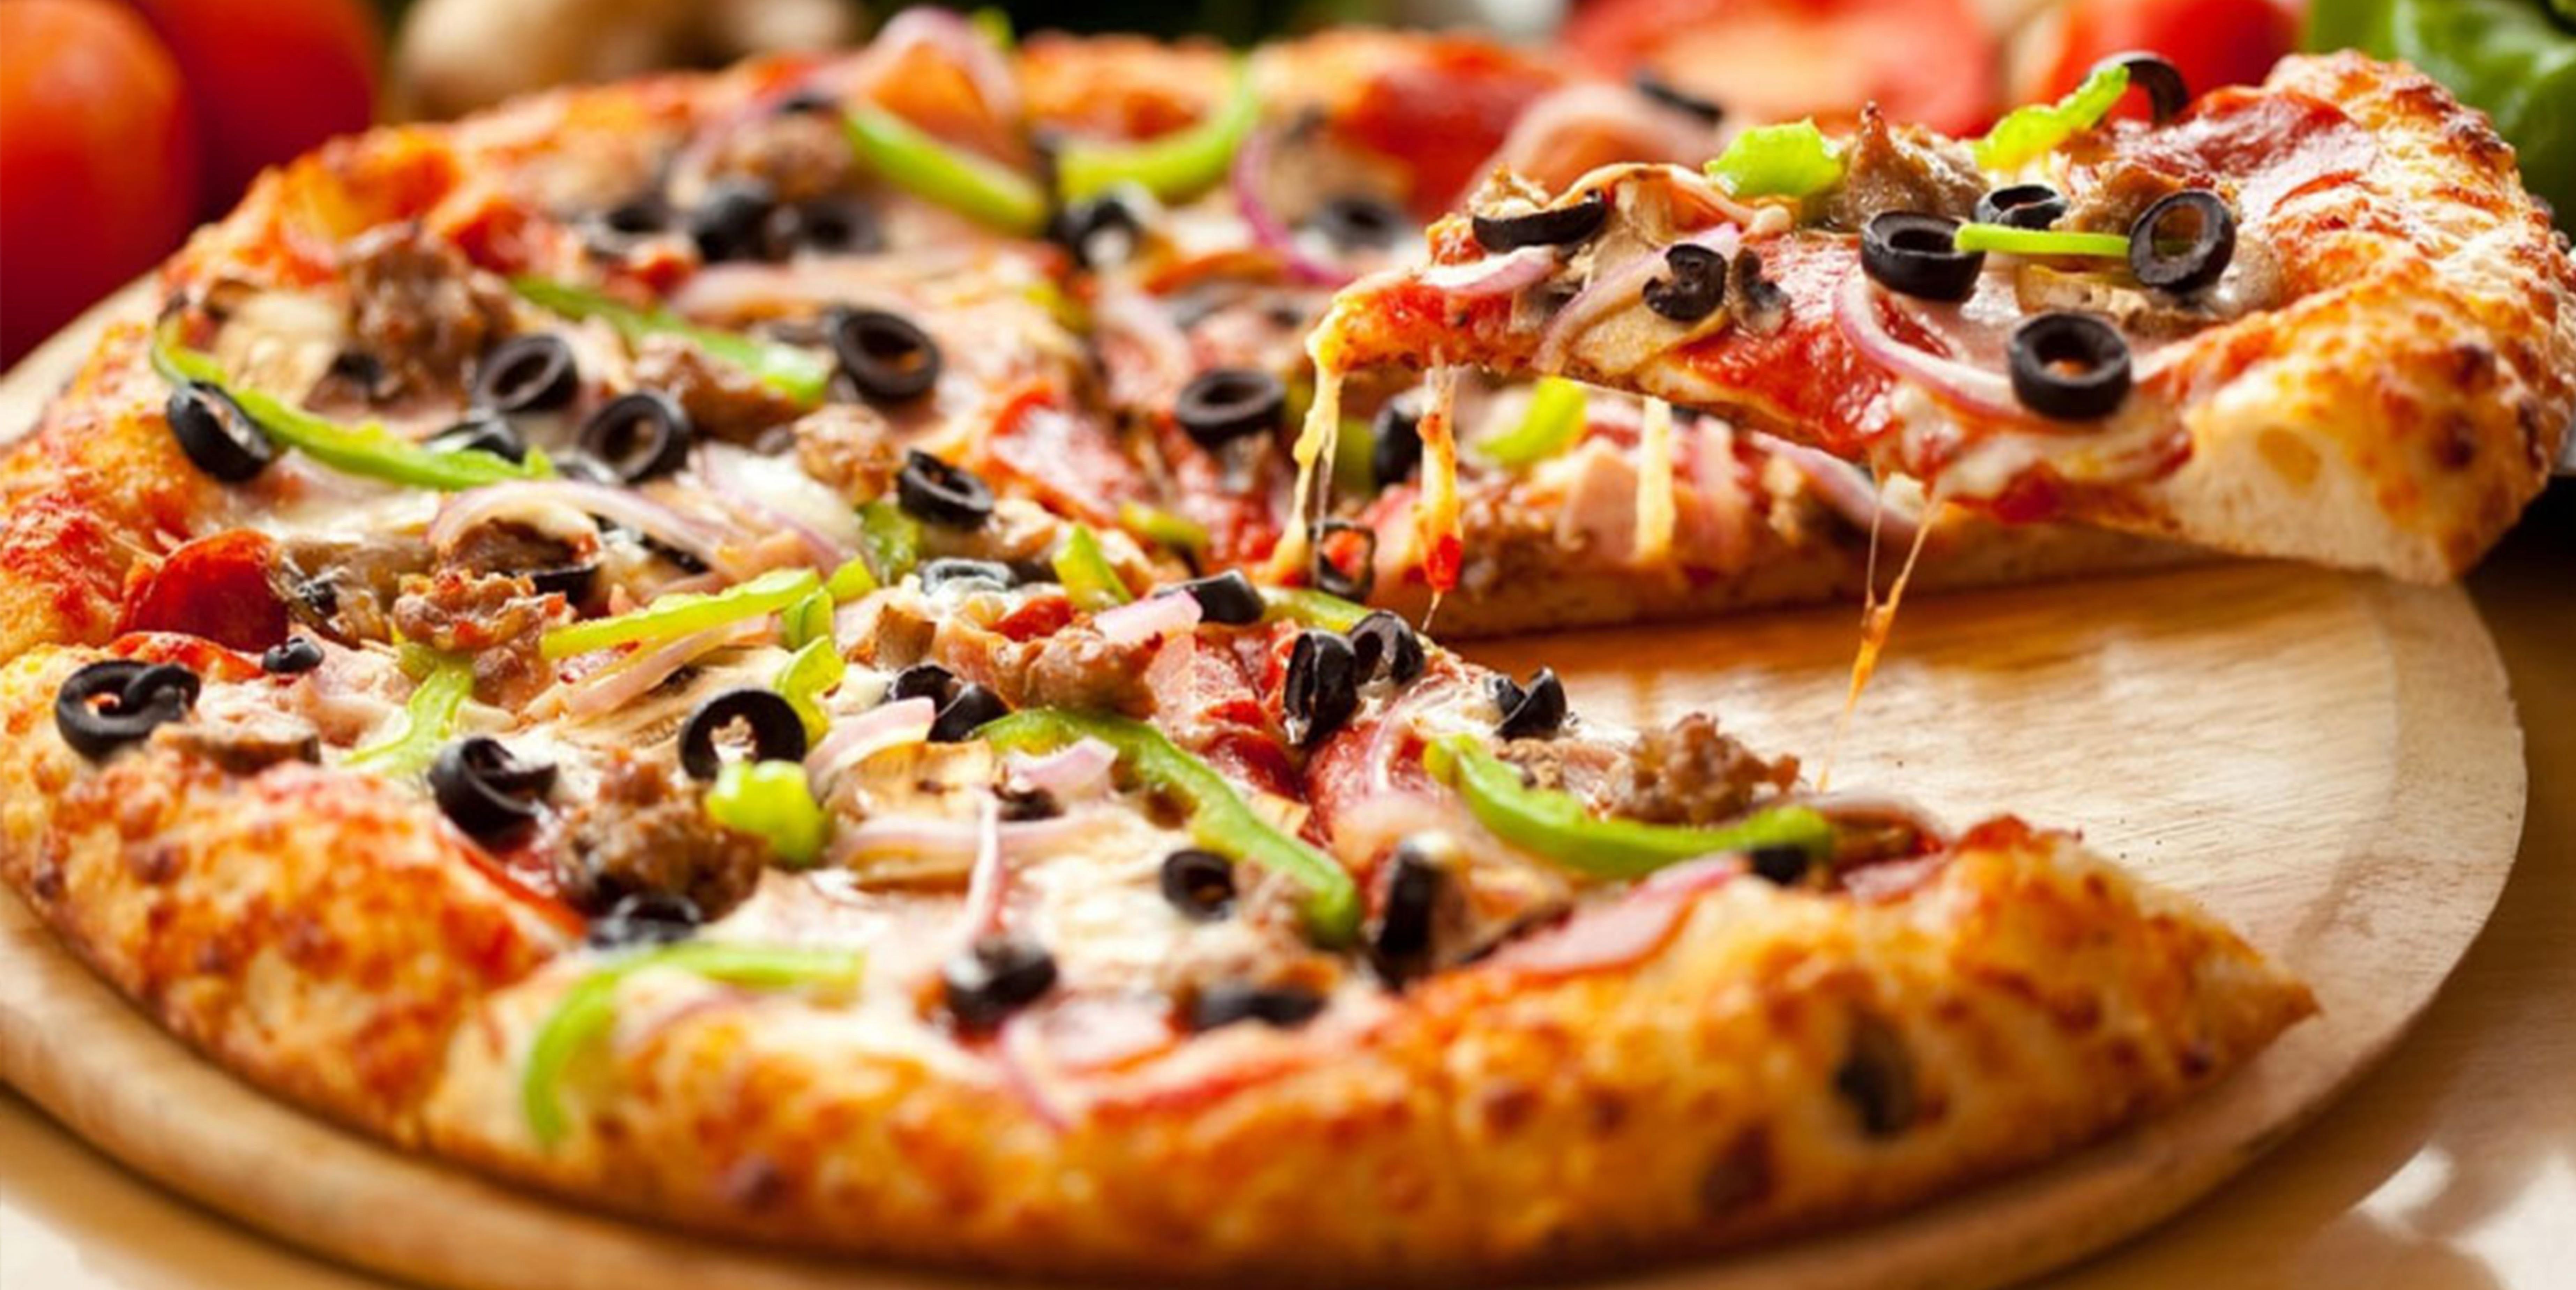 Evde kolay pizza tarifi | Lezzetli pizza hamuru nasıl yapılır?